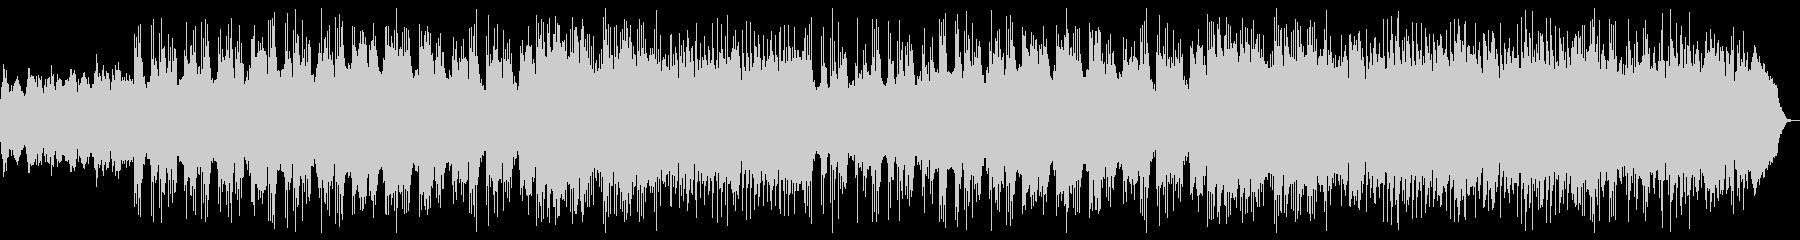 ヘビーメタル ダークな魔族系フィールド曲の未再生の波形